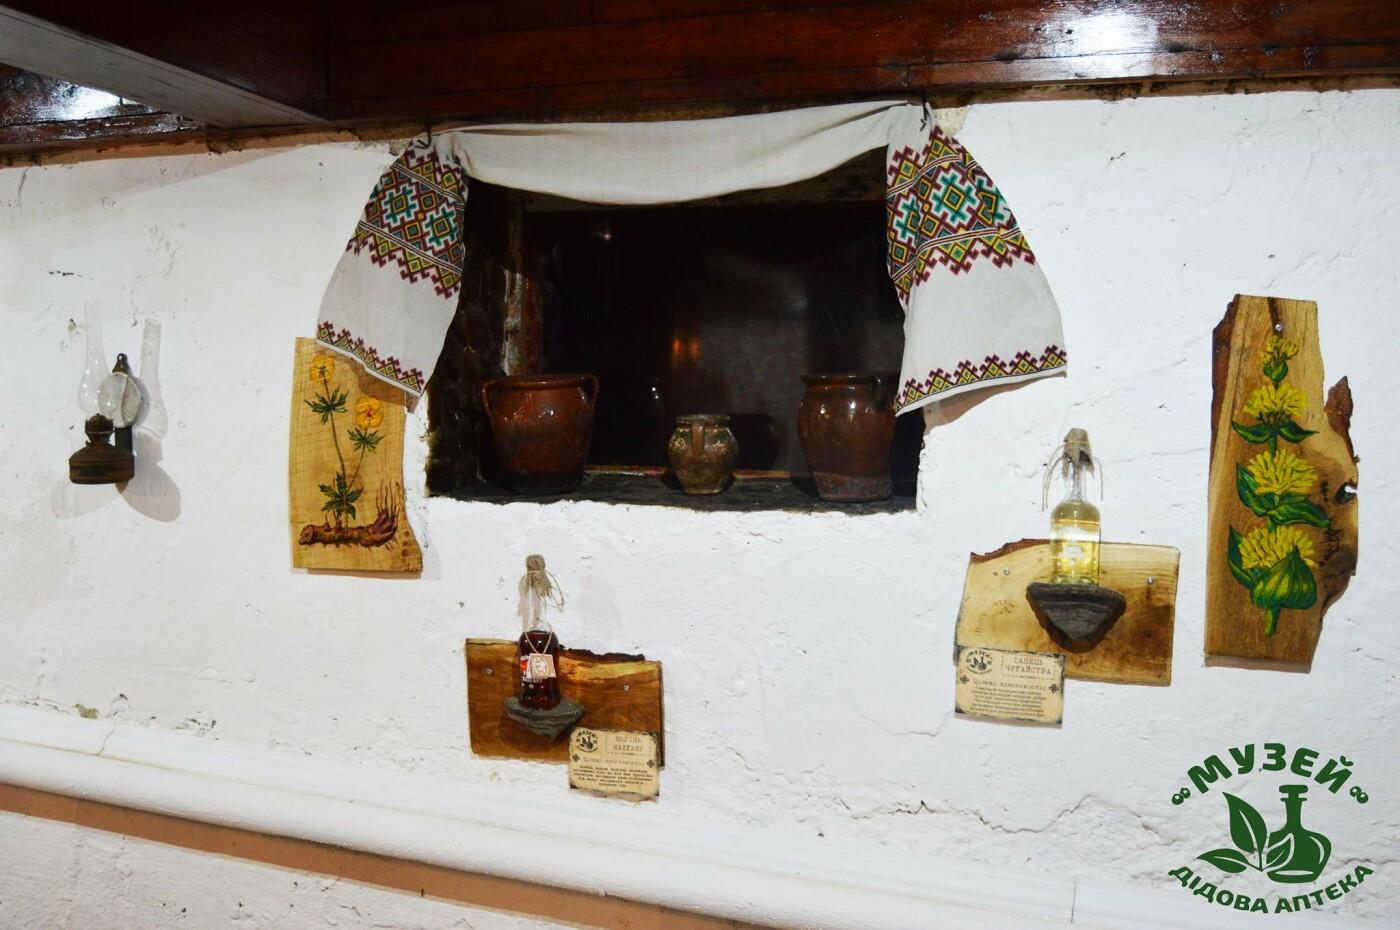 У Криворівні працює перший музей-крамниця настоянок за старовинними рецептами (фото, відео), фото-27